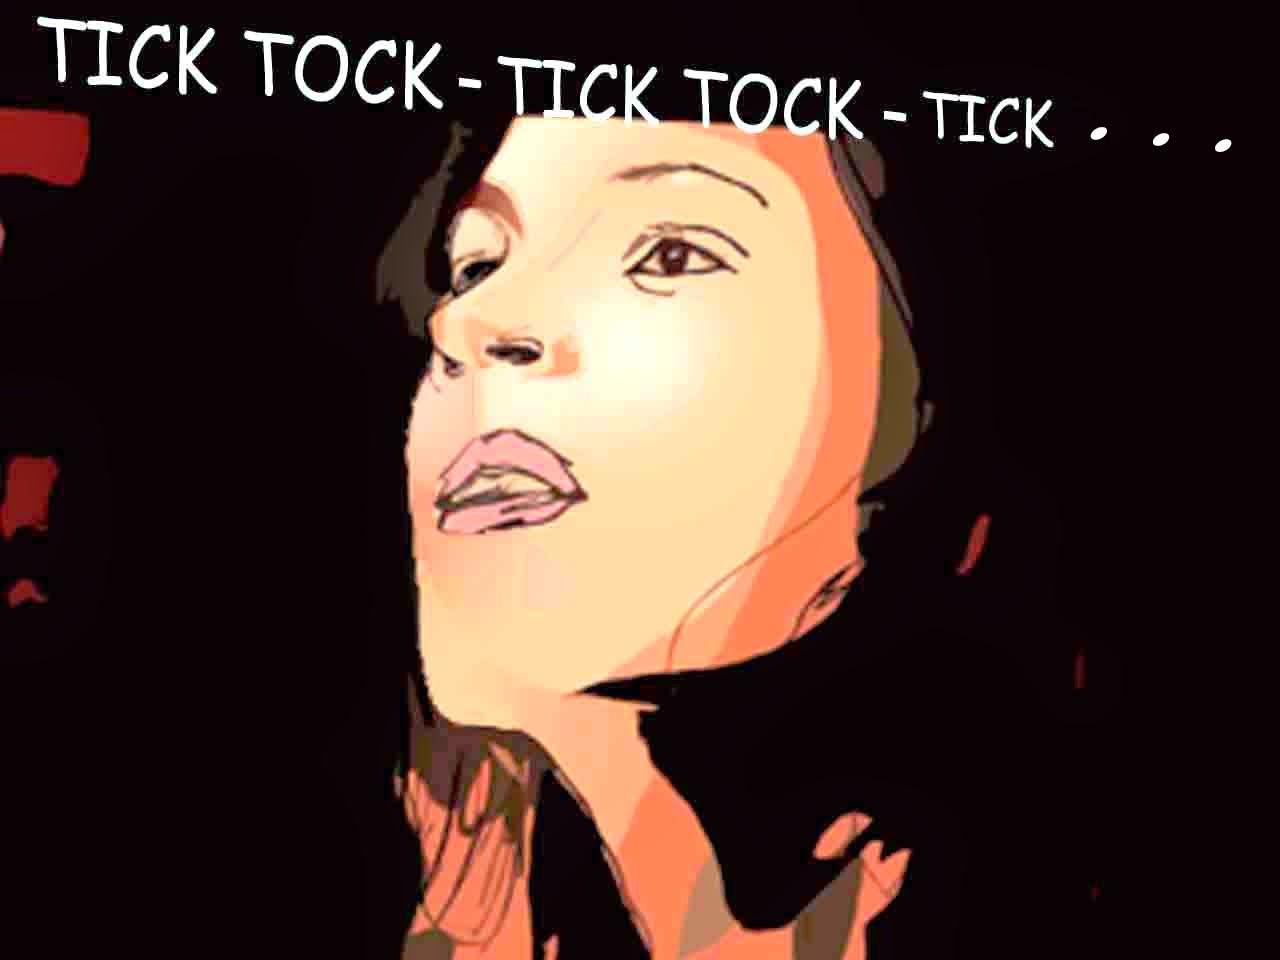 Tick-Tock Rocking